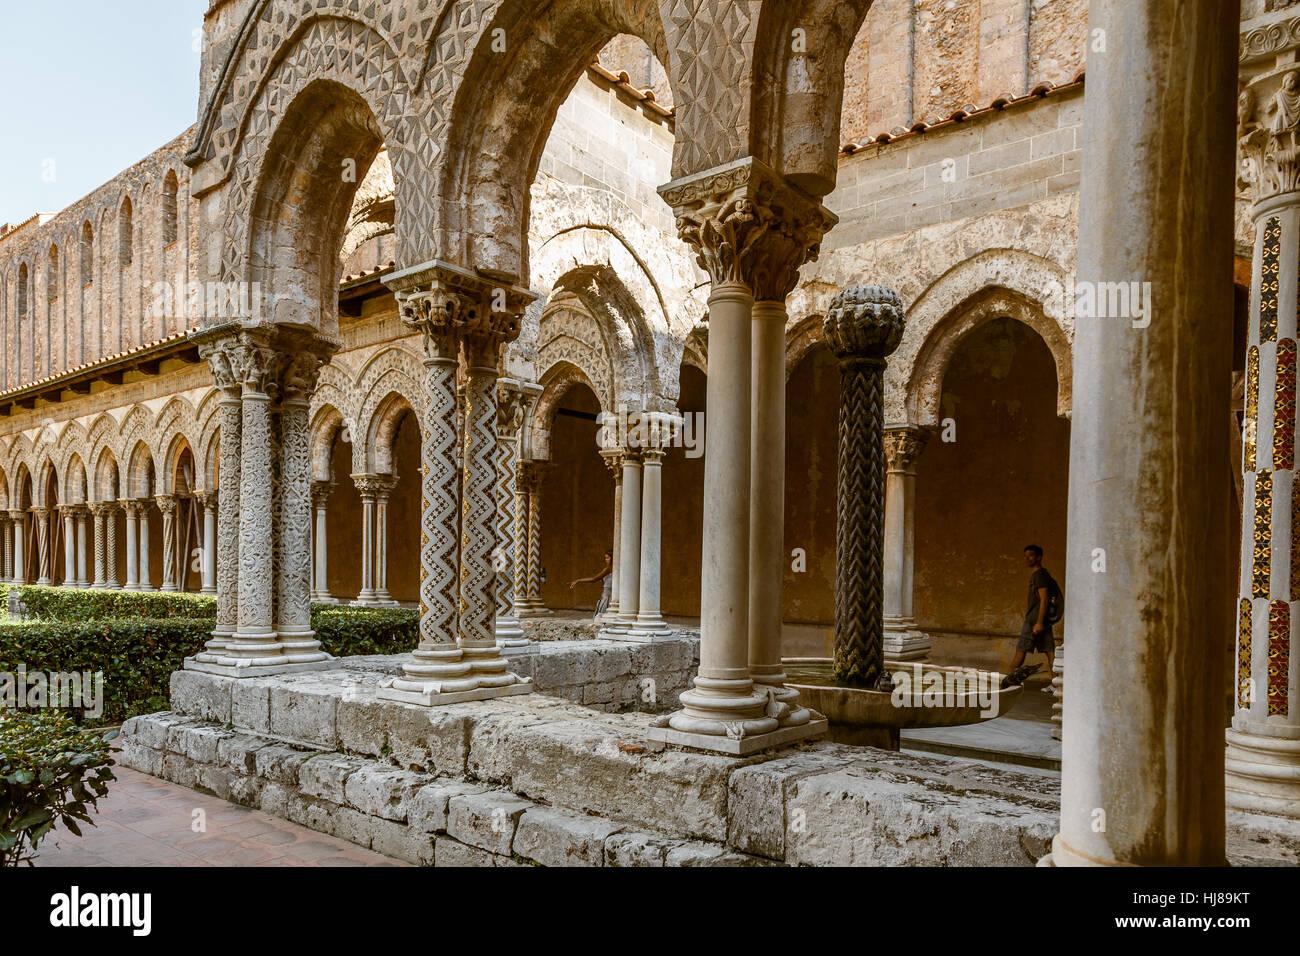 Los claustros de la catedral de Monreale, Sicilia Imagen De Stock